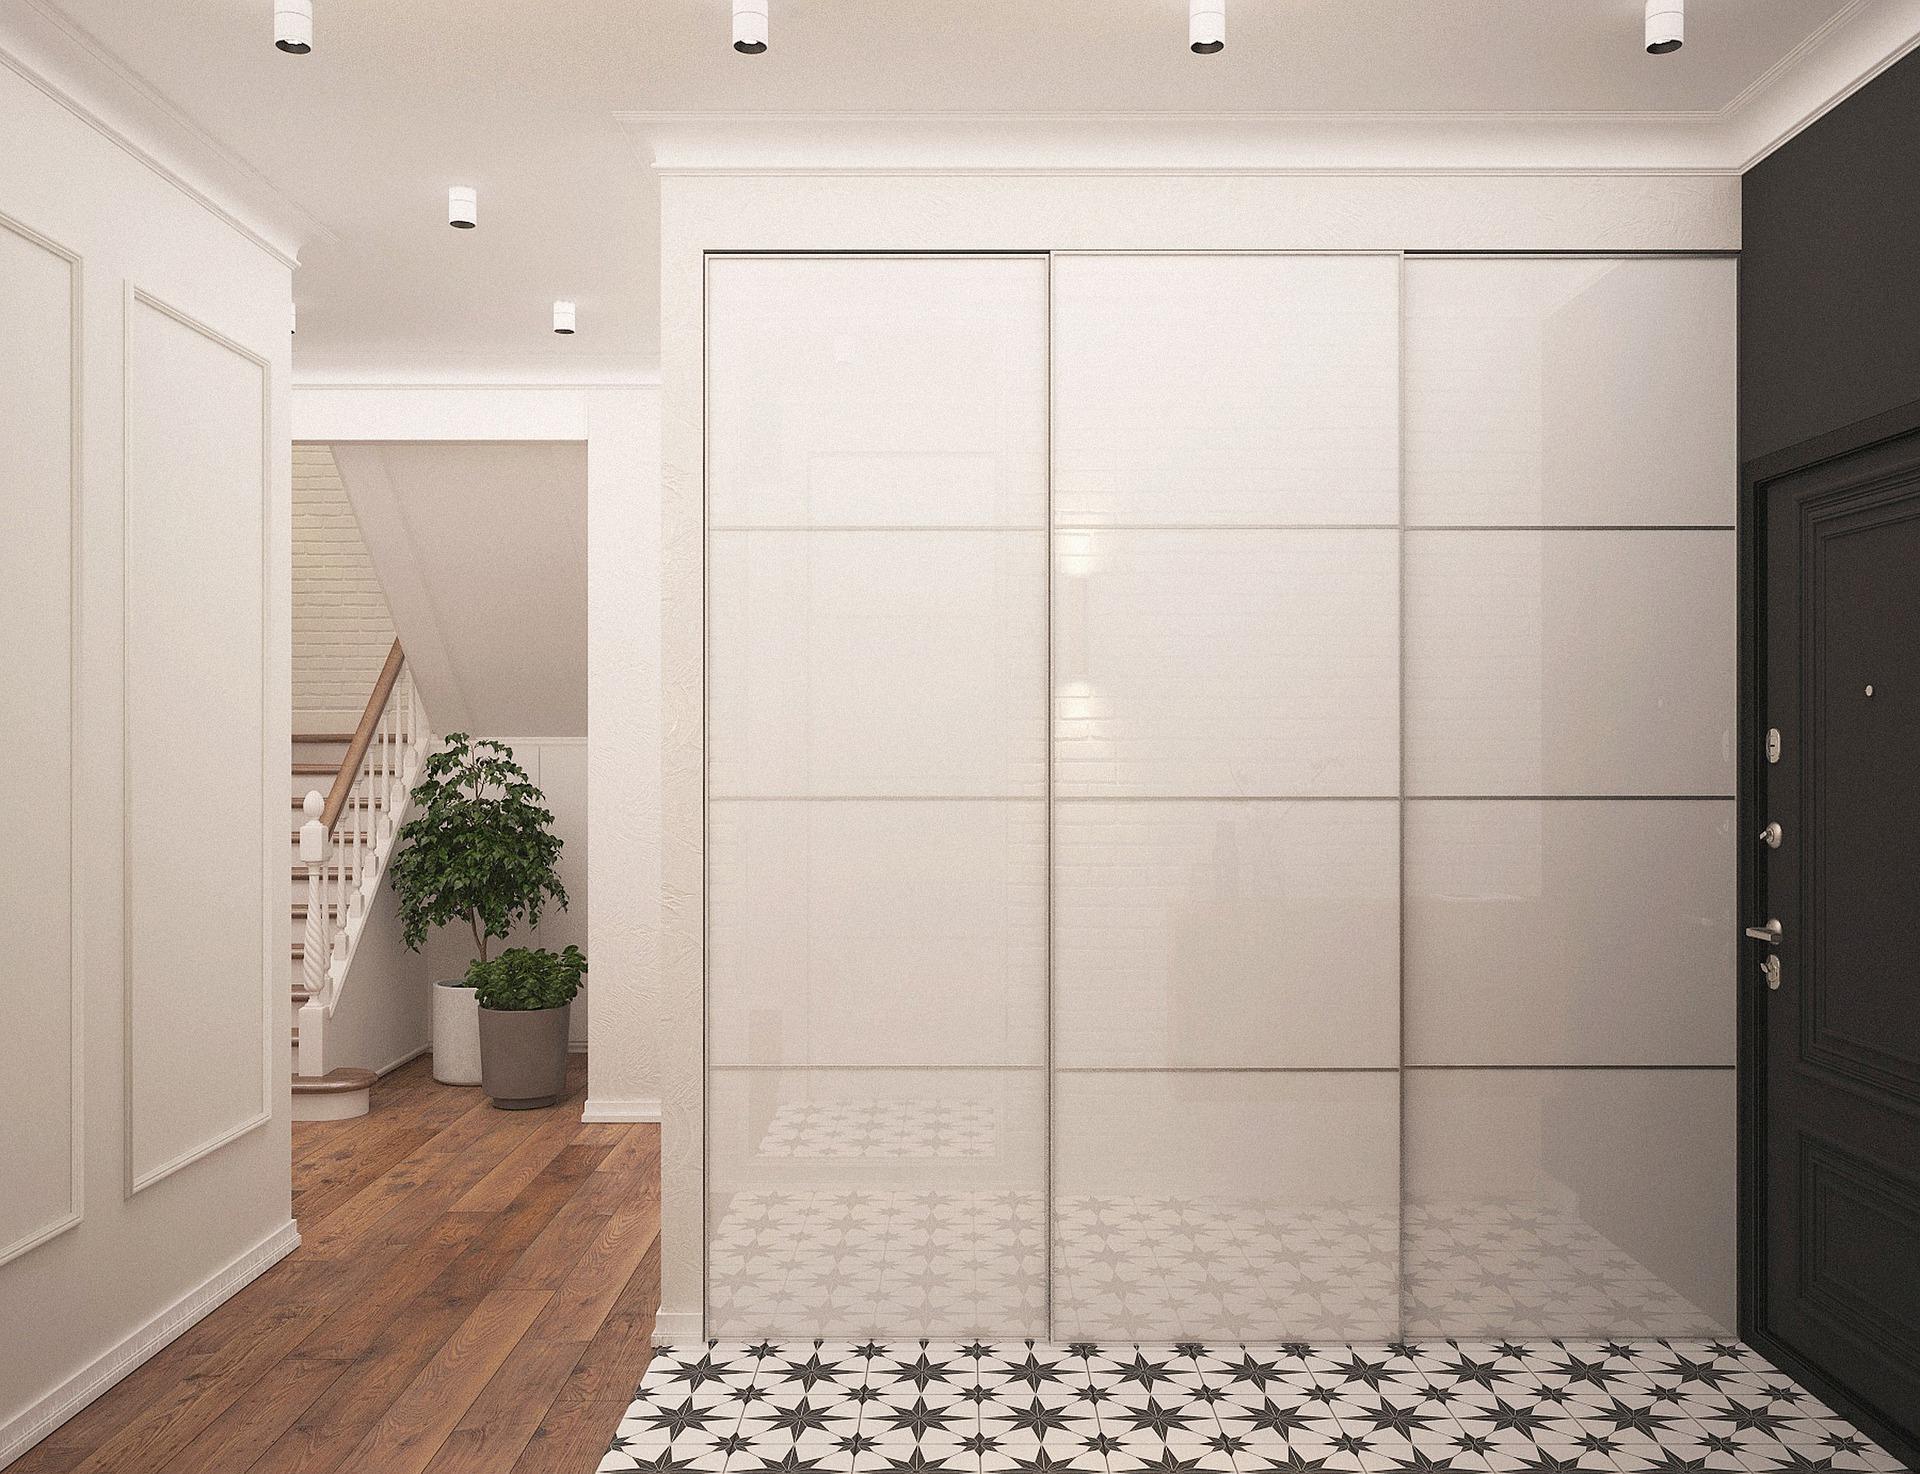 Pavimenti diversi: separare ingresso dal corridoio